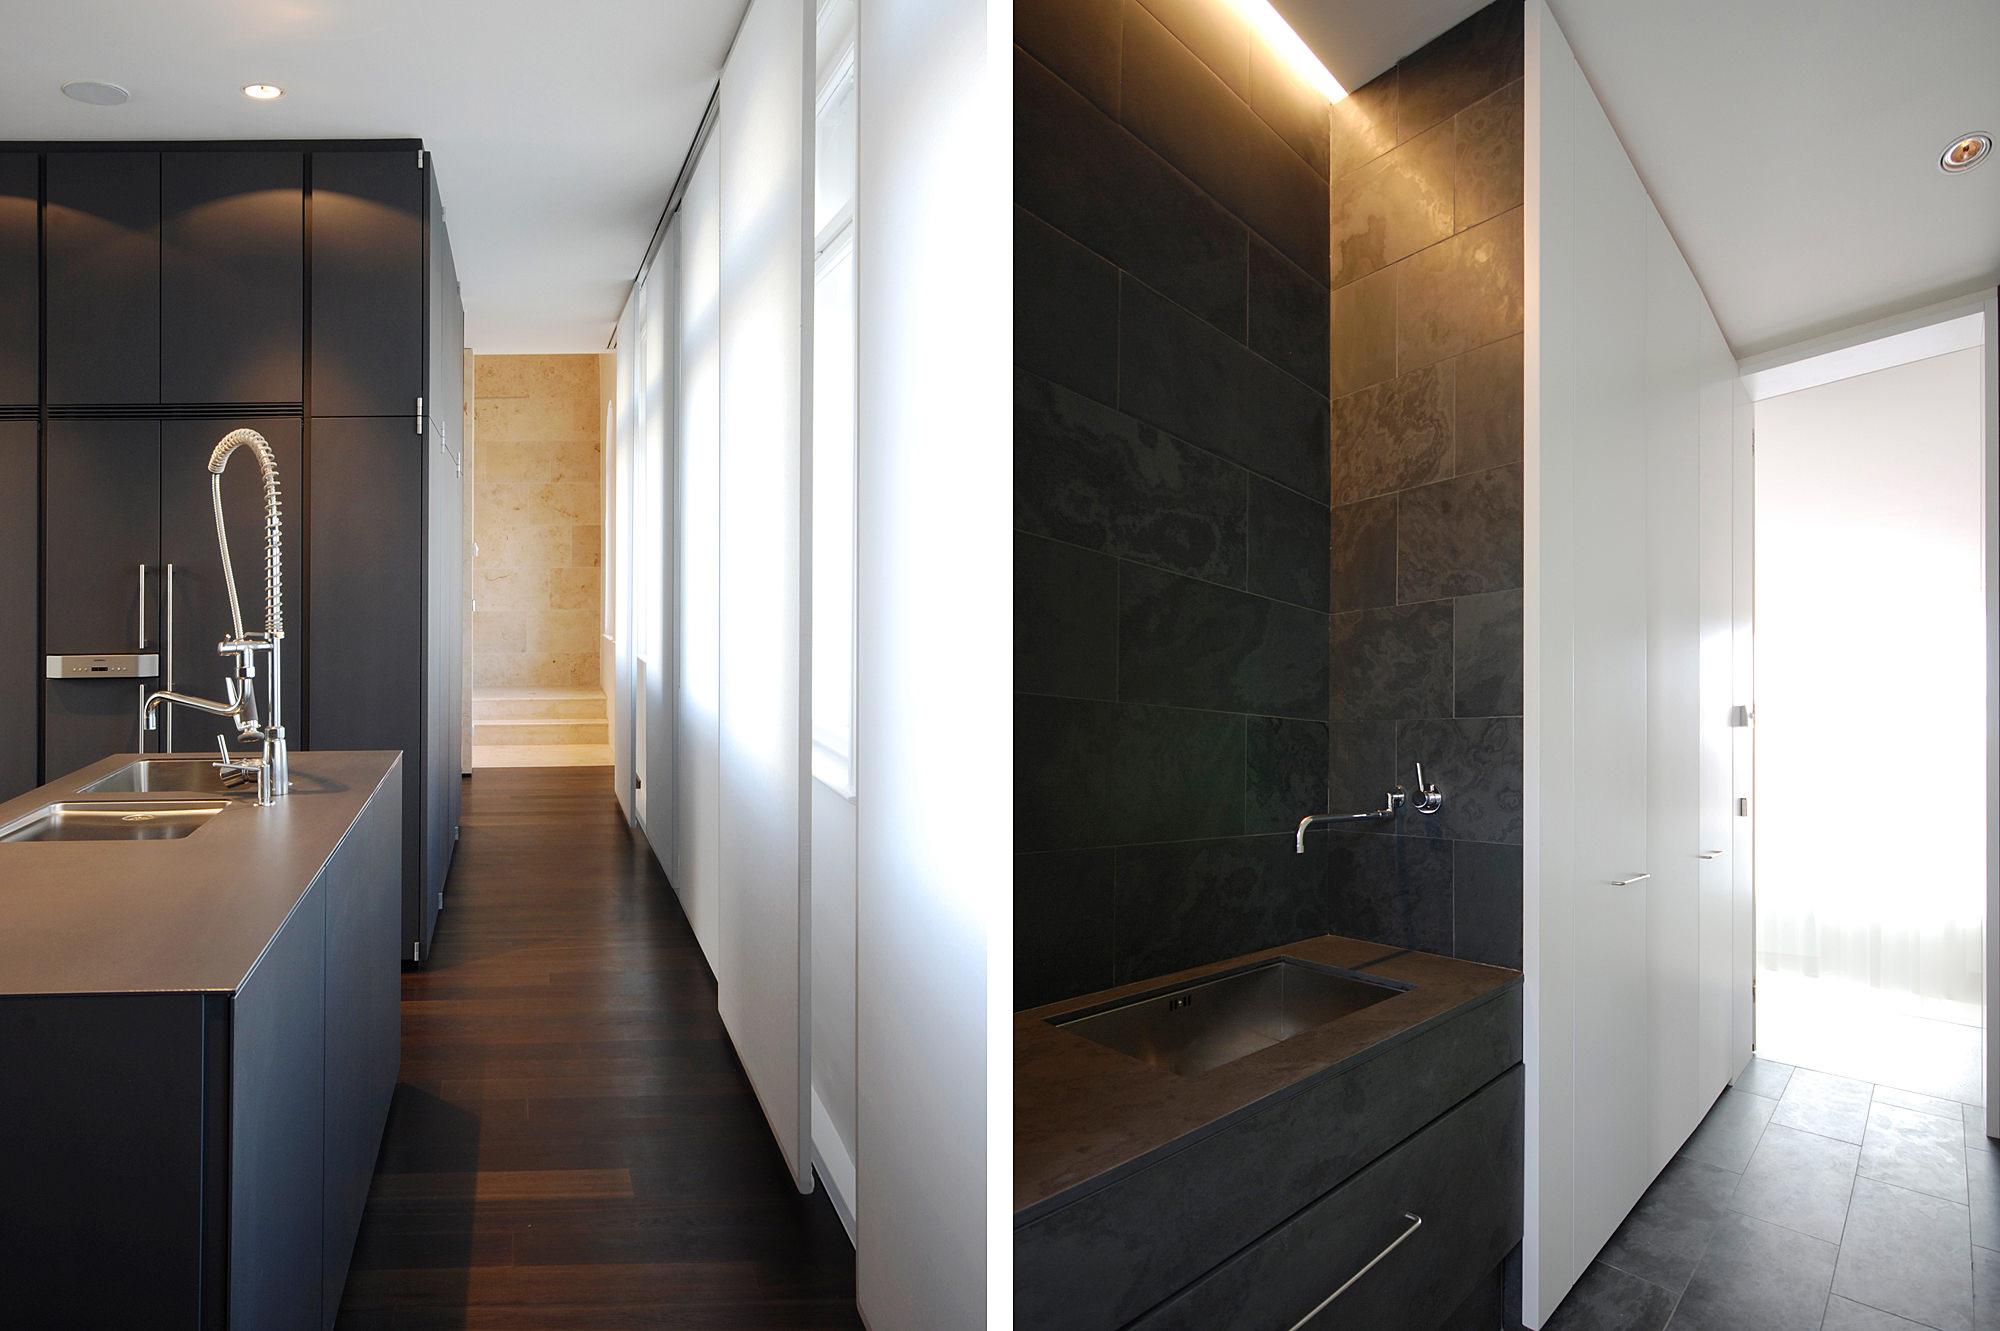 penthouse_wien_1_06_umbau_und_dachausbau_1010_wien_junger_beer_architektur